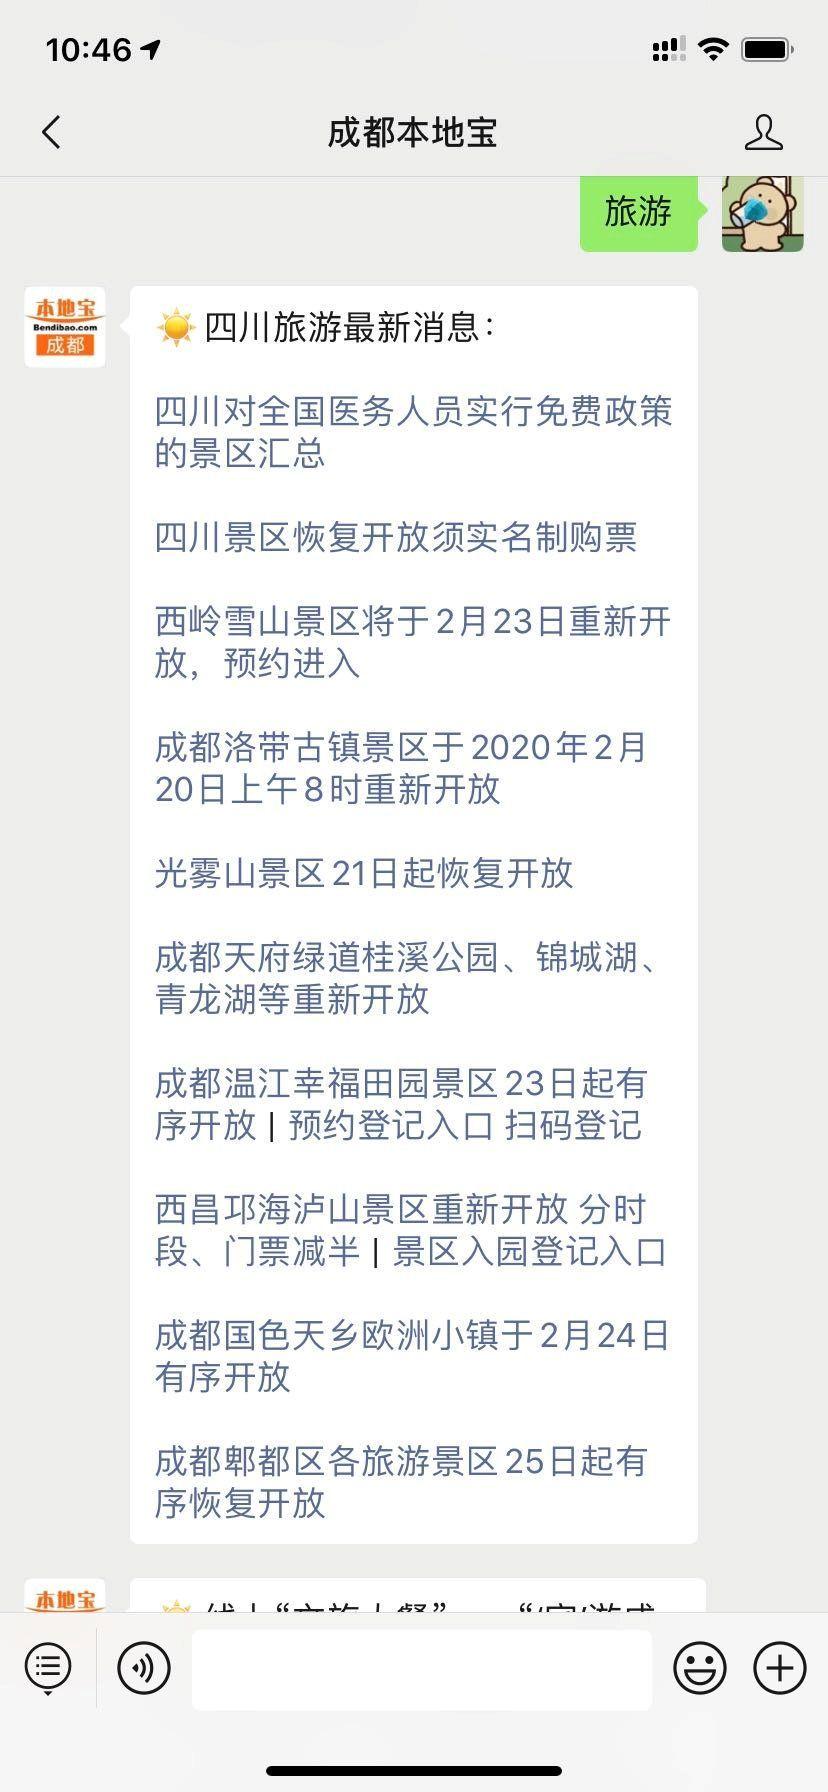 成都蔚然花海景区2月29日恢复开园试运营